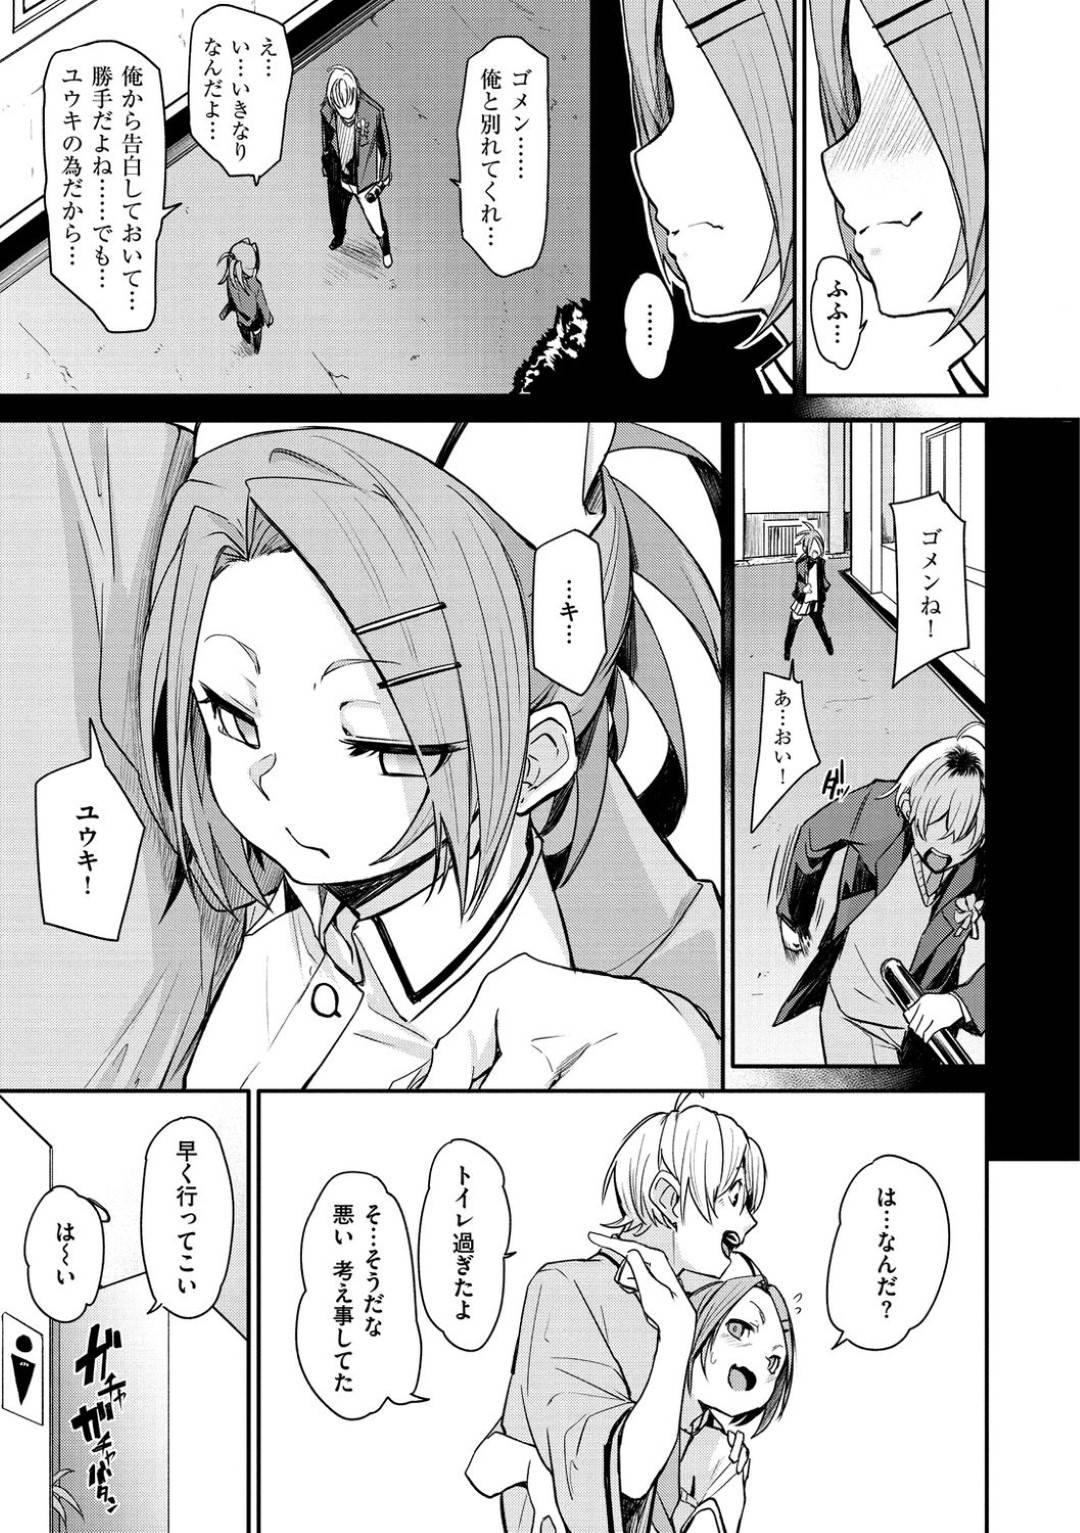 【エロ漫画】入院する事になった元カレと病院で再会したナースお姉さん…欲求不満な彼女はベッドで熟睡している彼に欲情して夜這いセックスしてしまう!【fu-ta:ちゆなか】